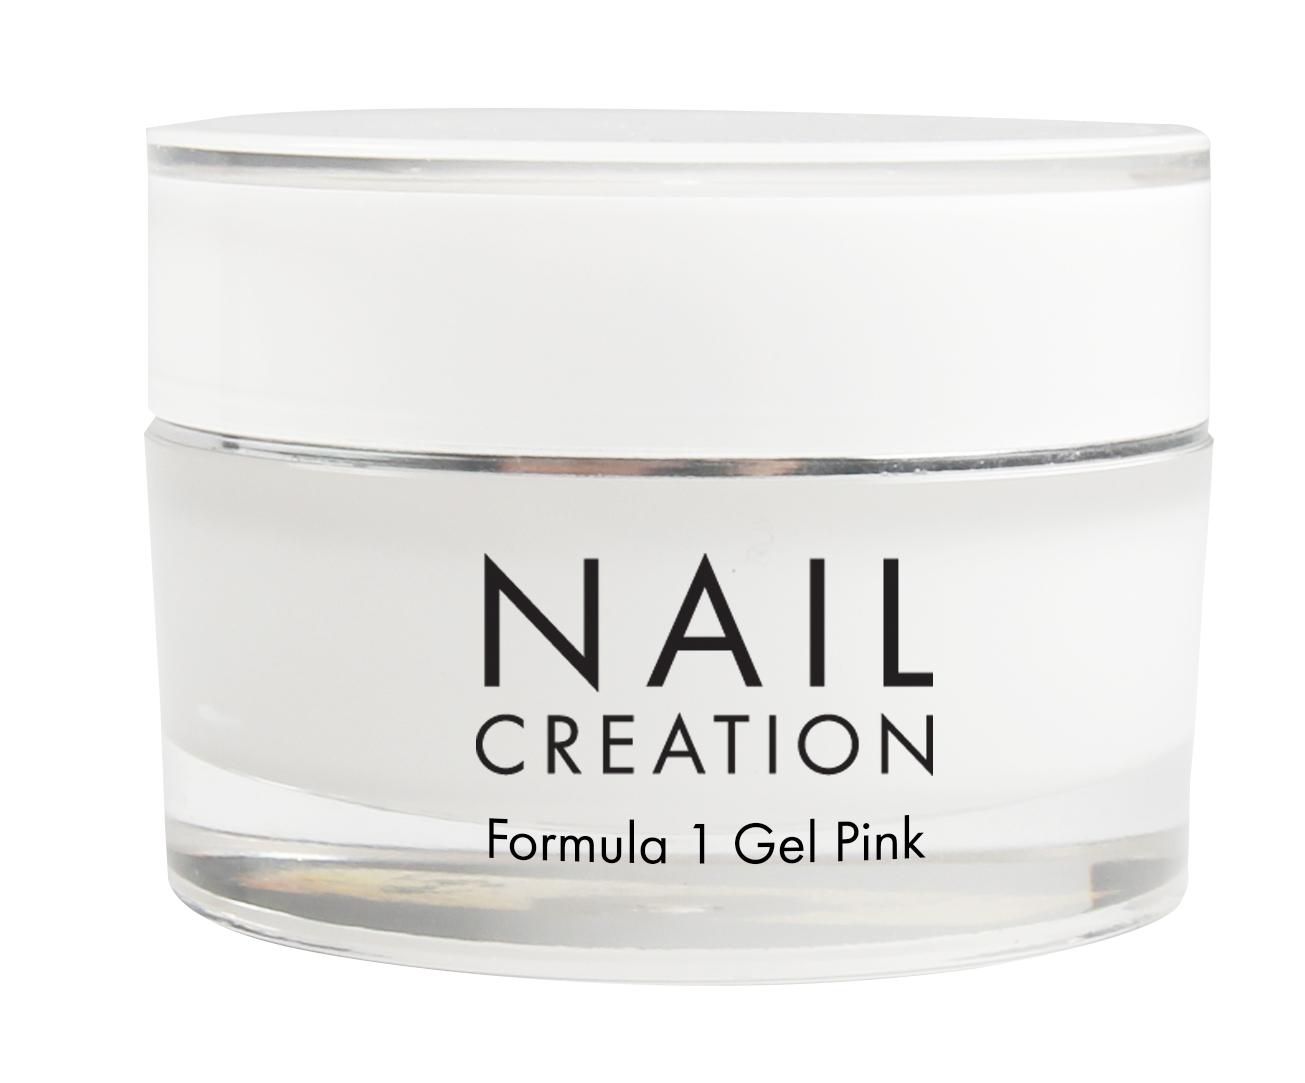 Afbeelding van Nail Creation Formula 1 Gel - Pink